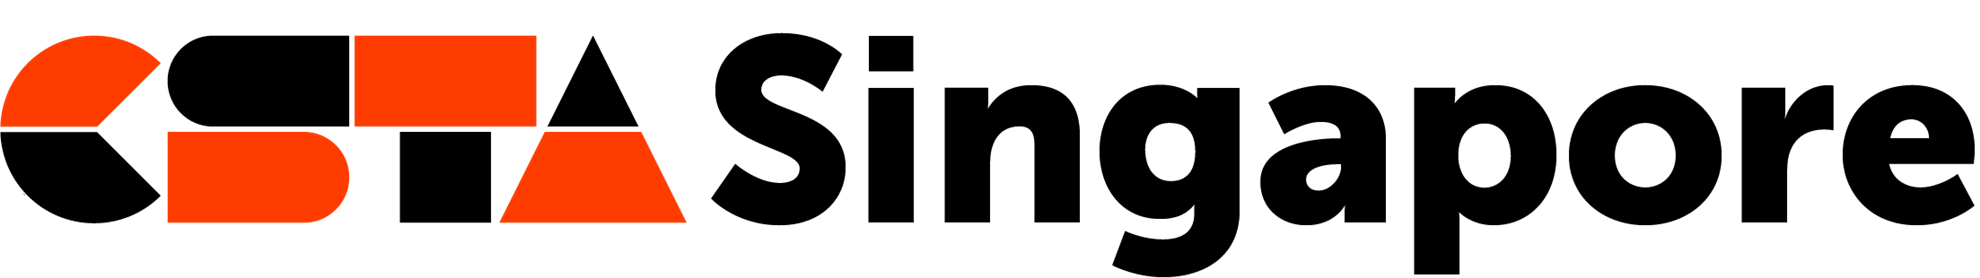 CSTA Singapore logo